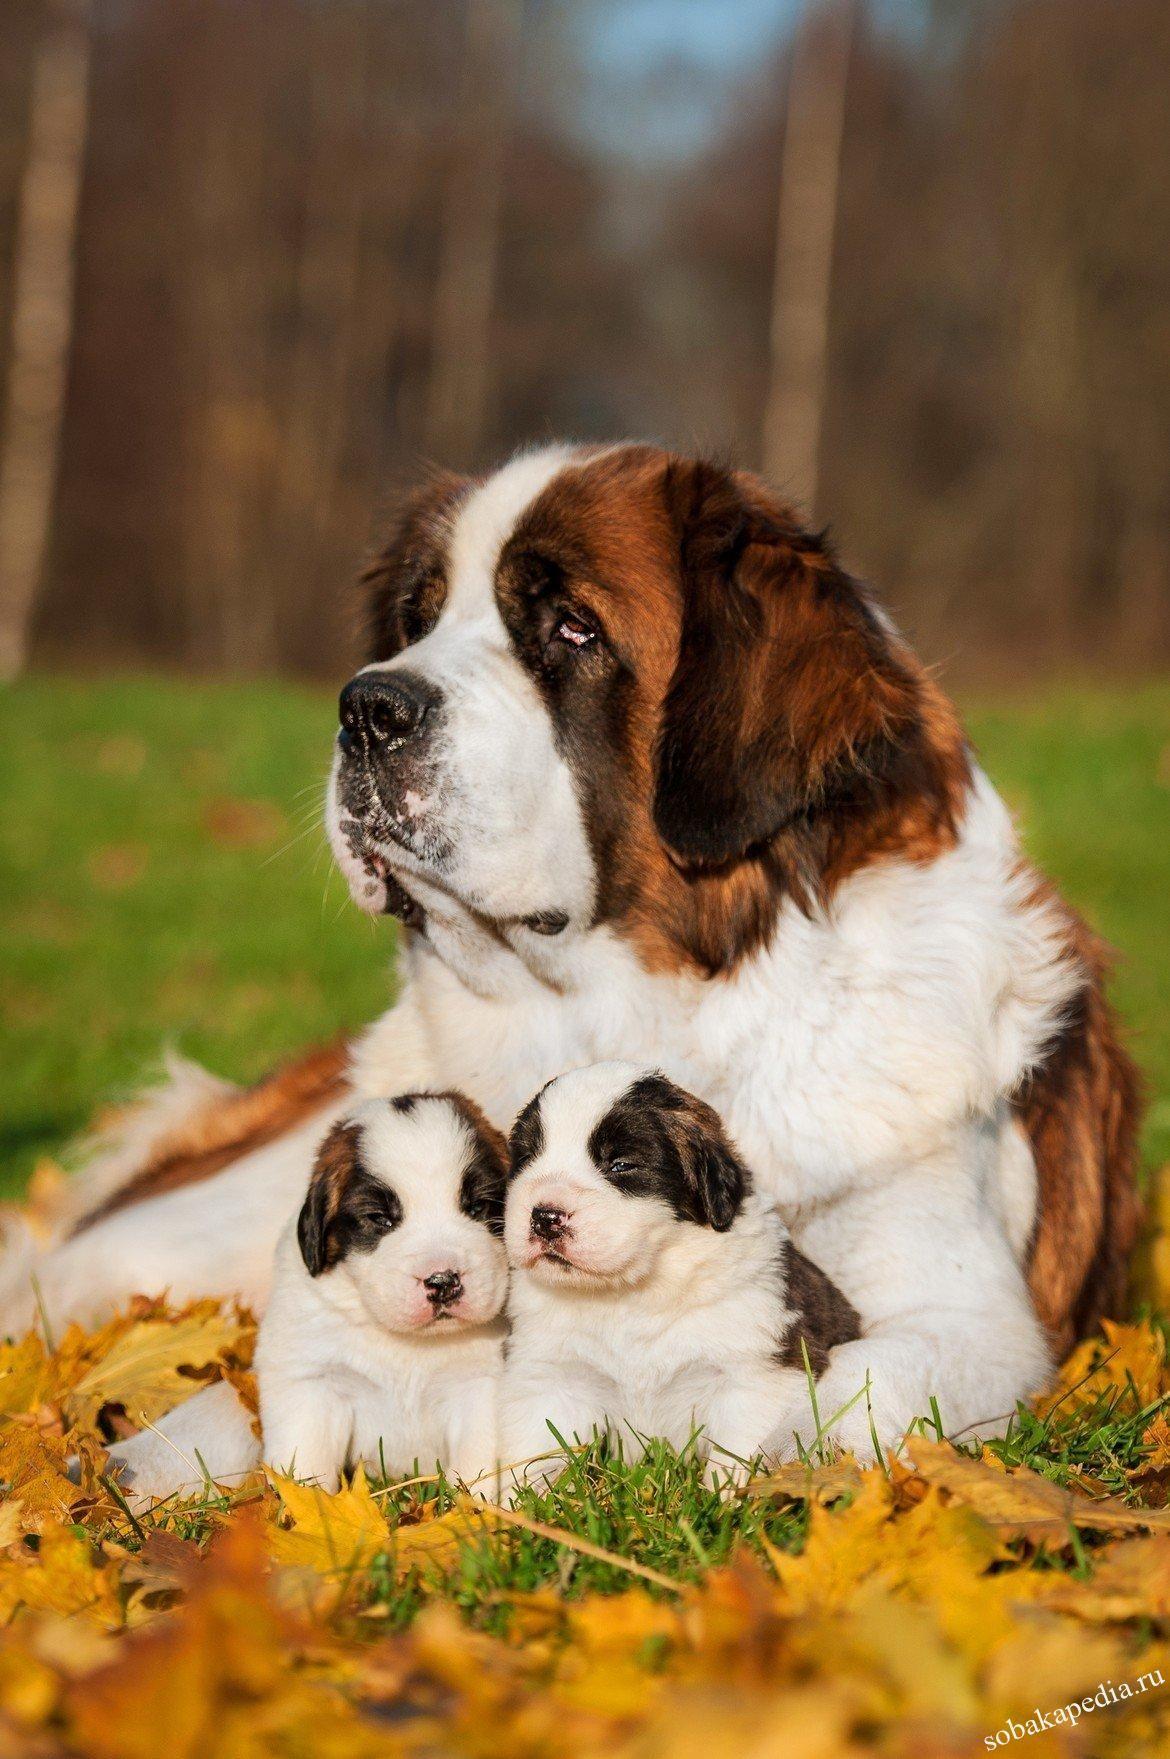 Сенбернар: все о собаке, фото, описание породы, характер, цена щенка